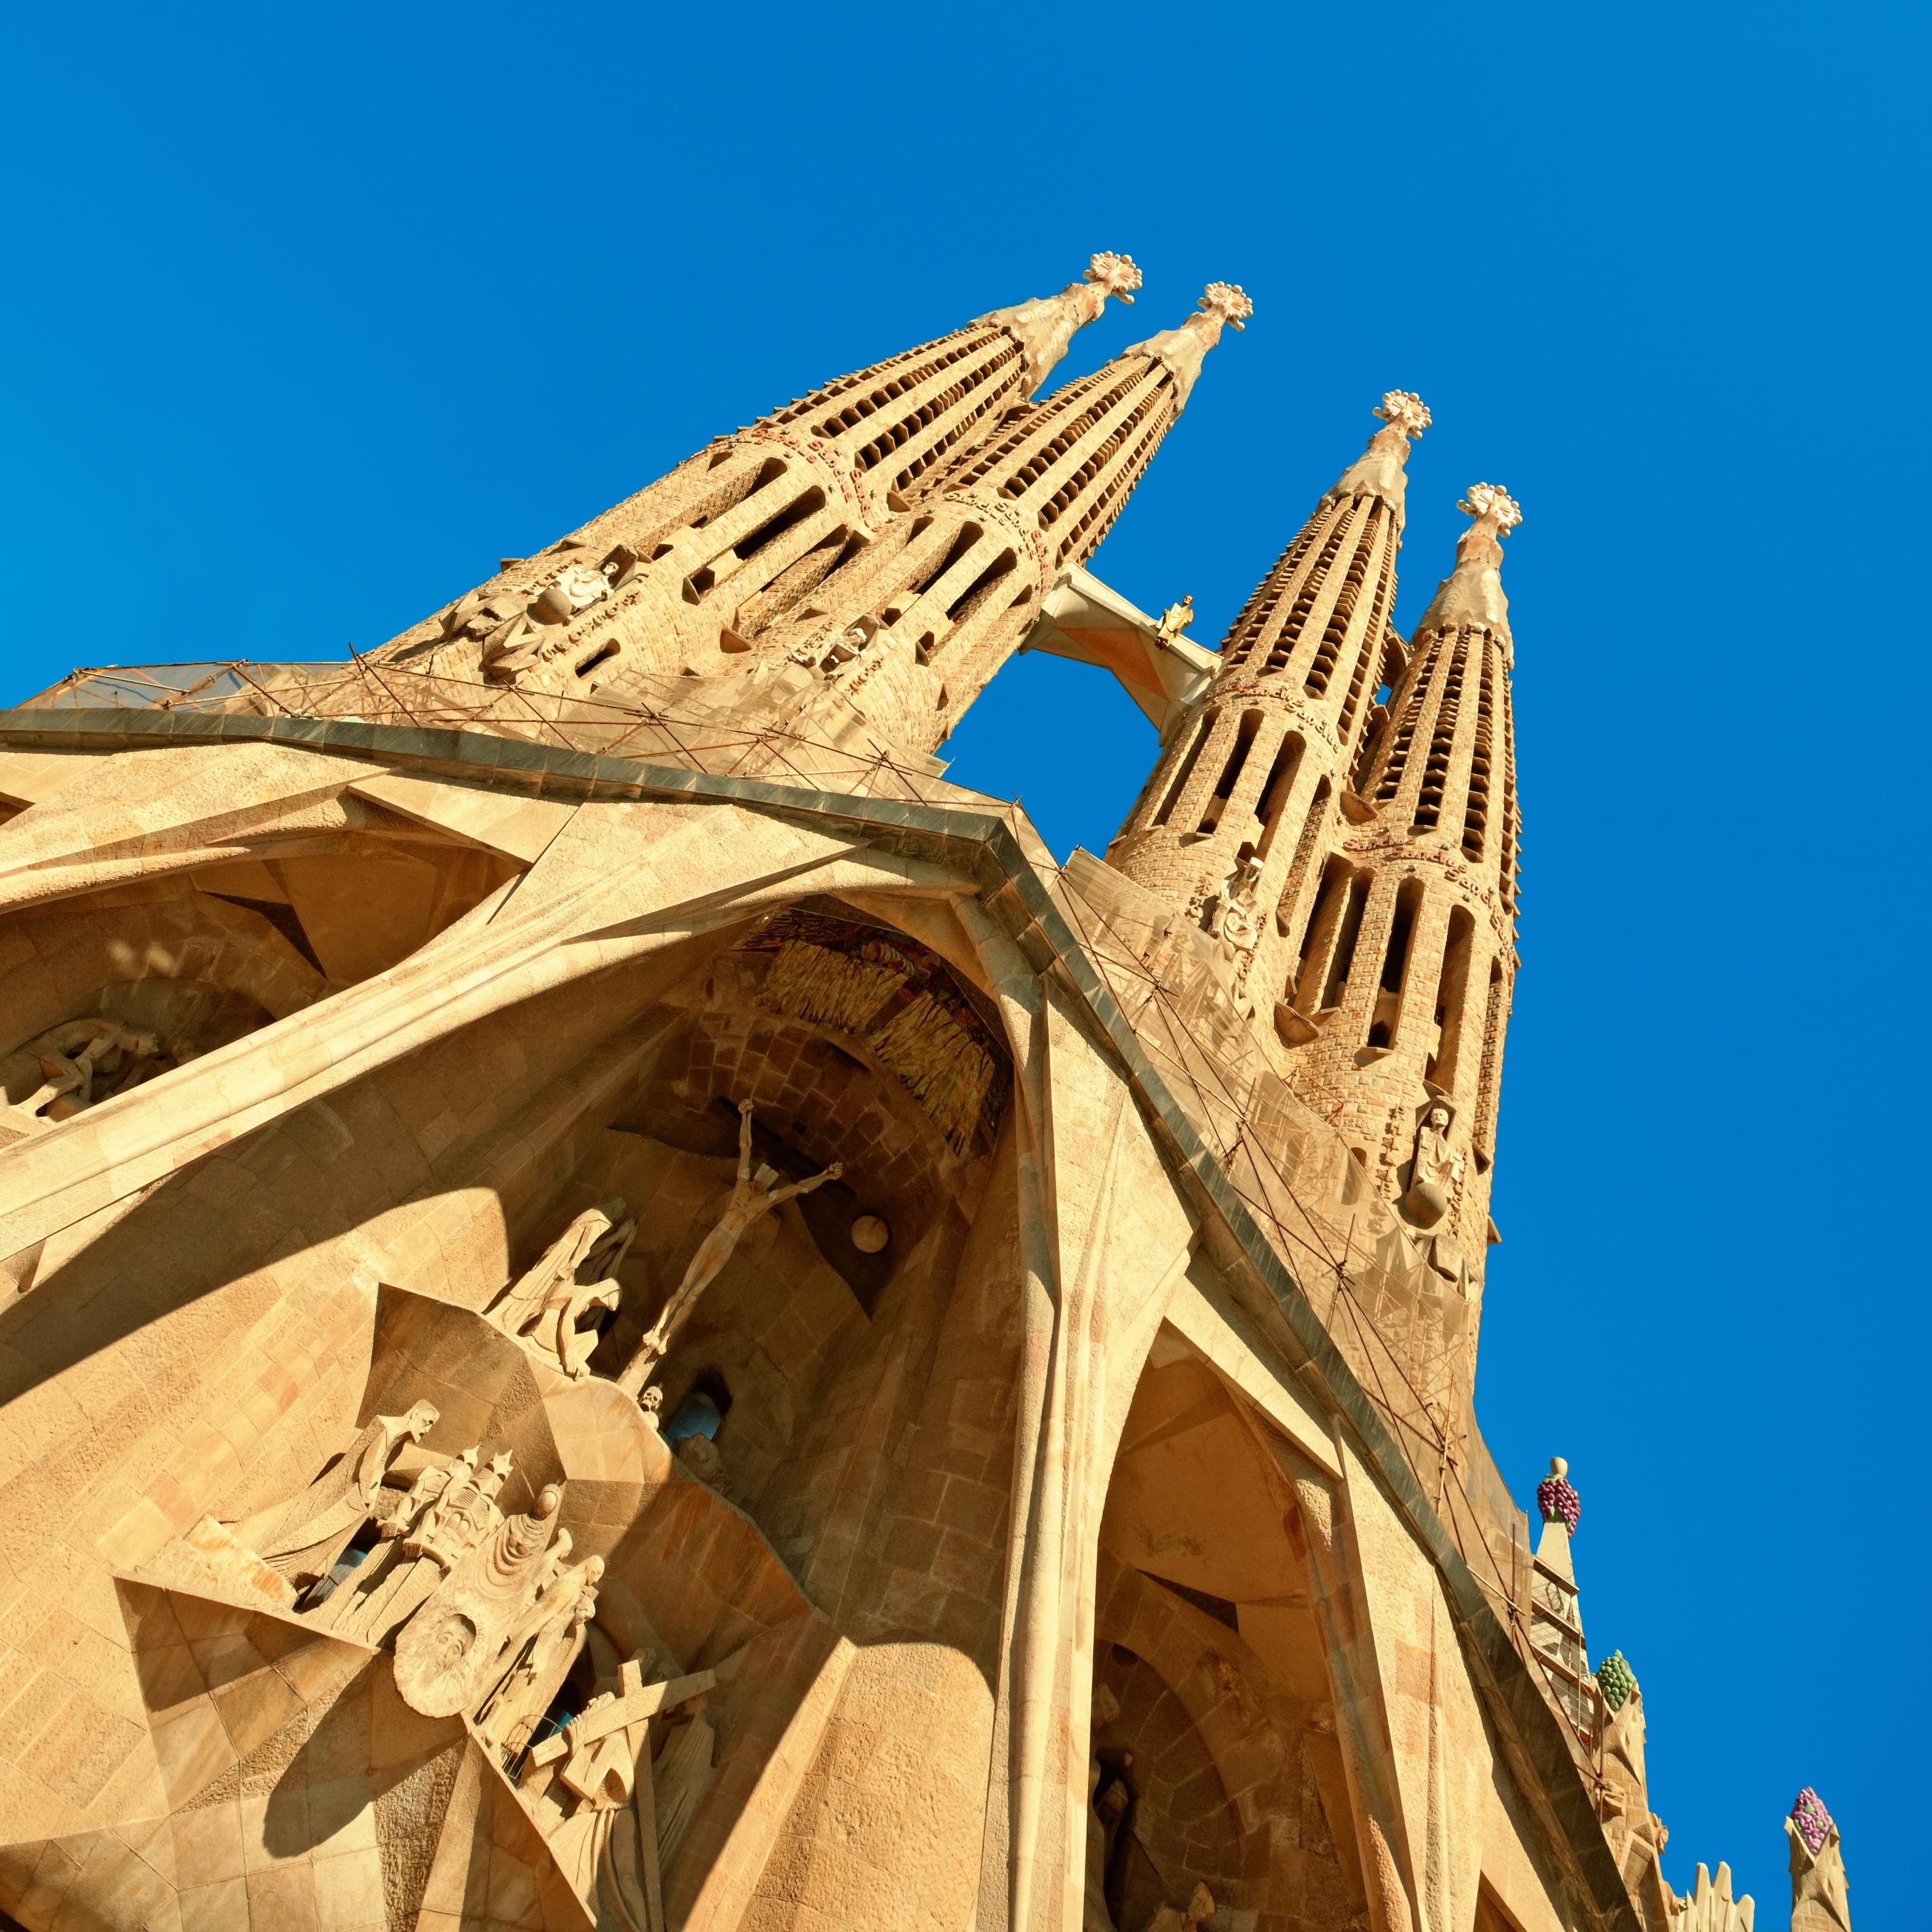 Крест высотой 7,5 метров и весом в 18 тонн установлен в портик храма Саграда Фамилия